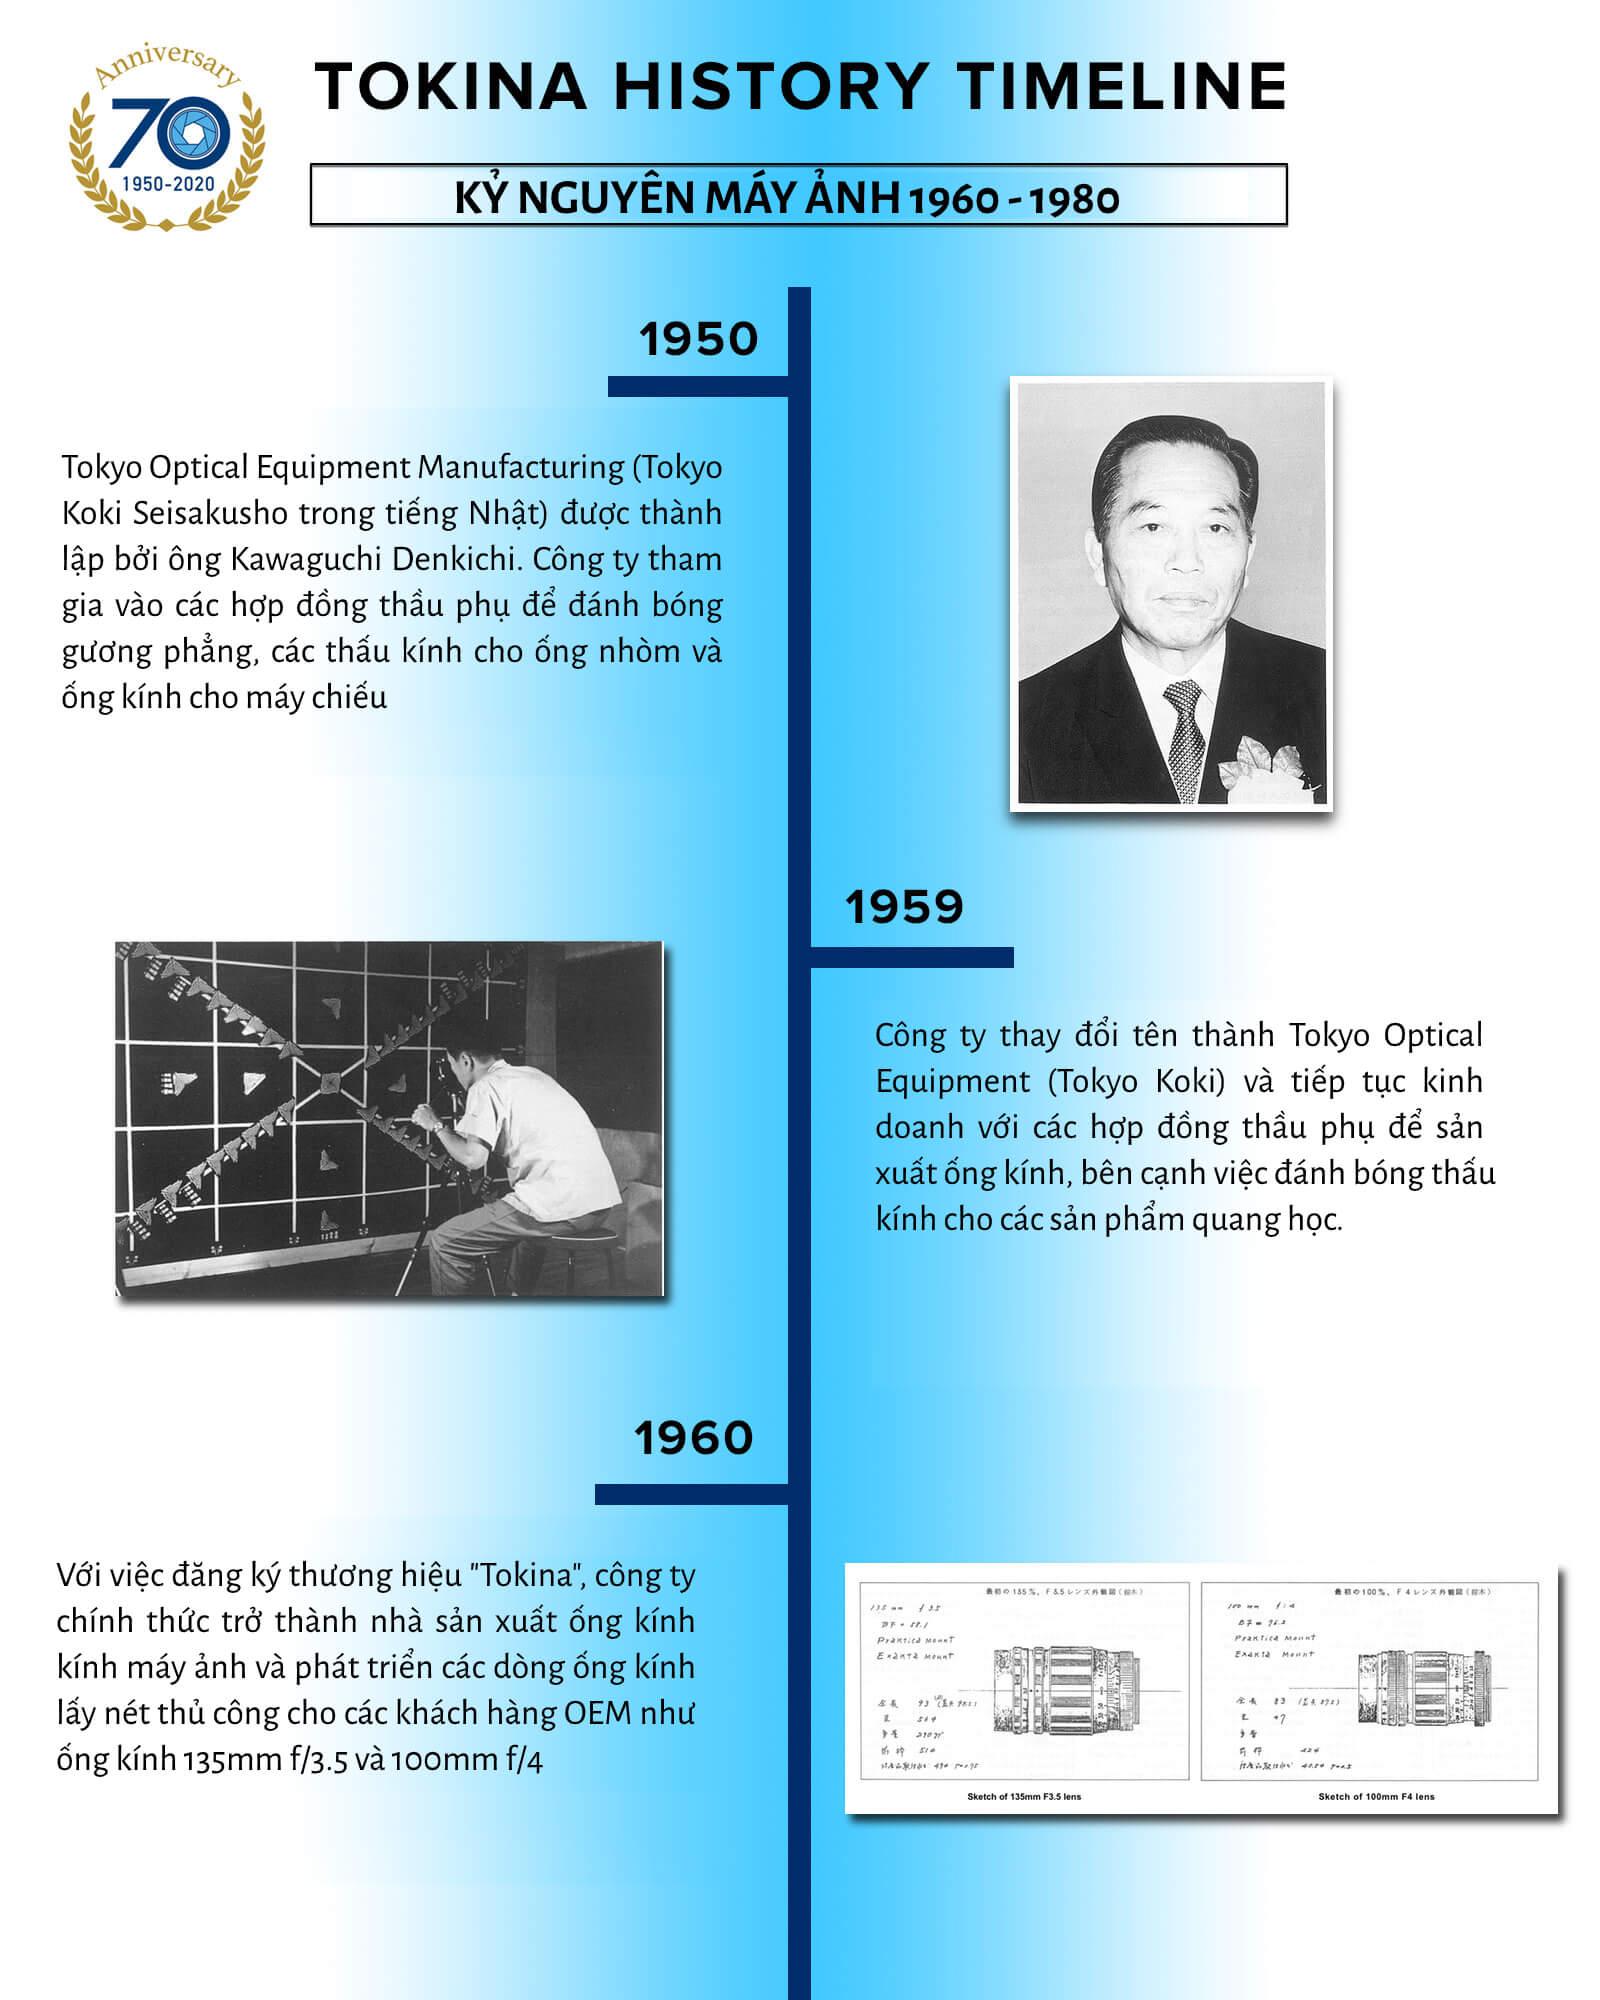 Timeline lịch sử thương hiệu ống kính Tokina 1